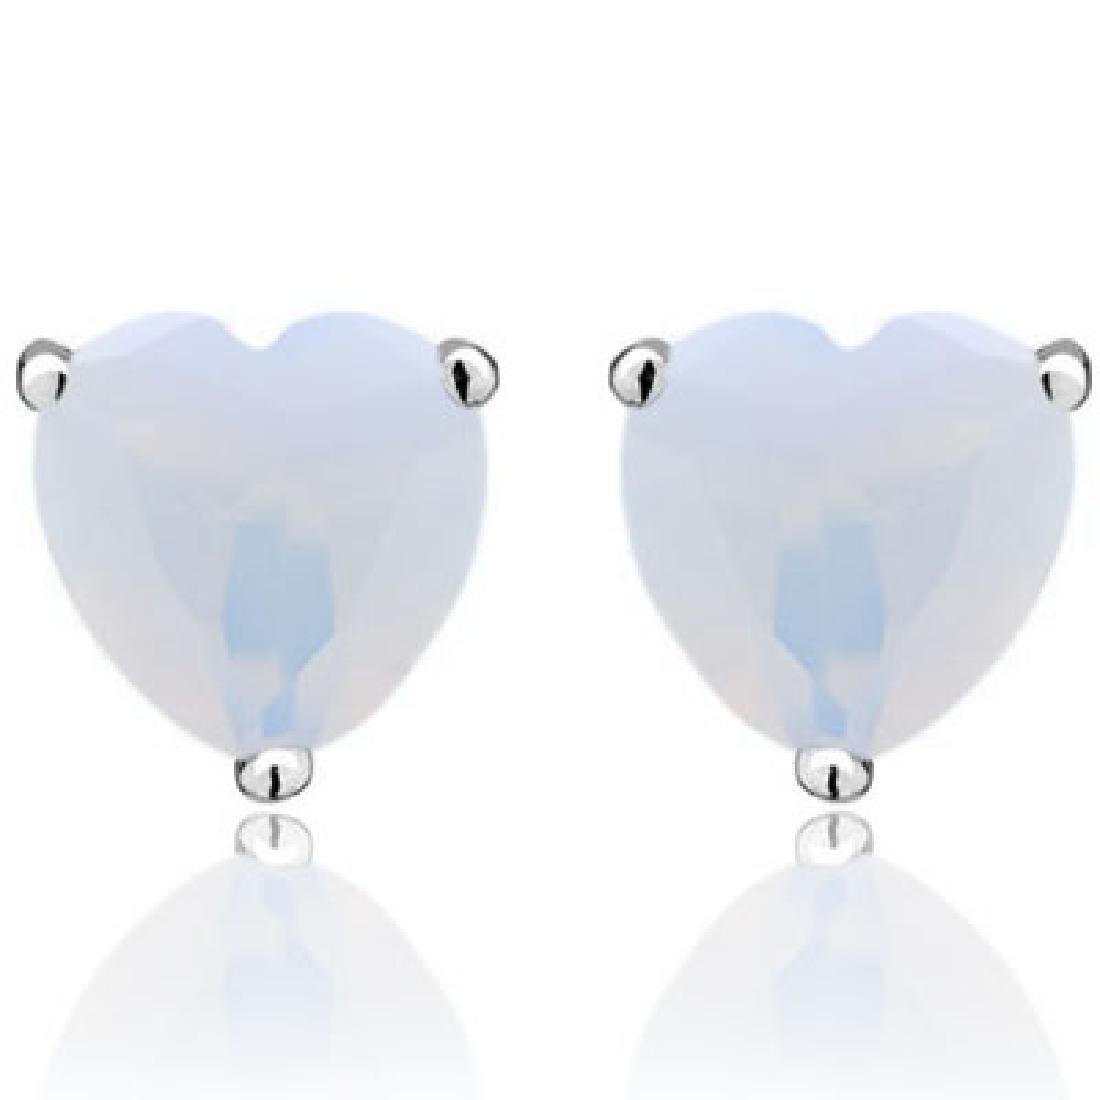 ELEGANT FIRE OPAL 1CT HEART SOLITAIRE EARRINGS